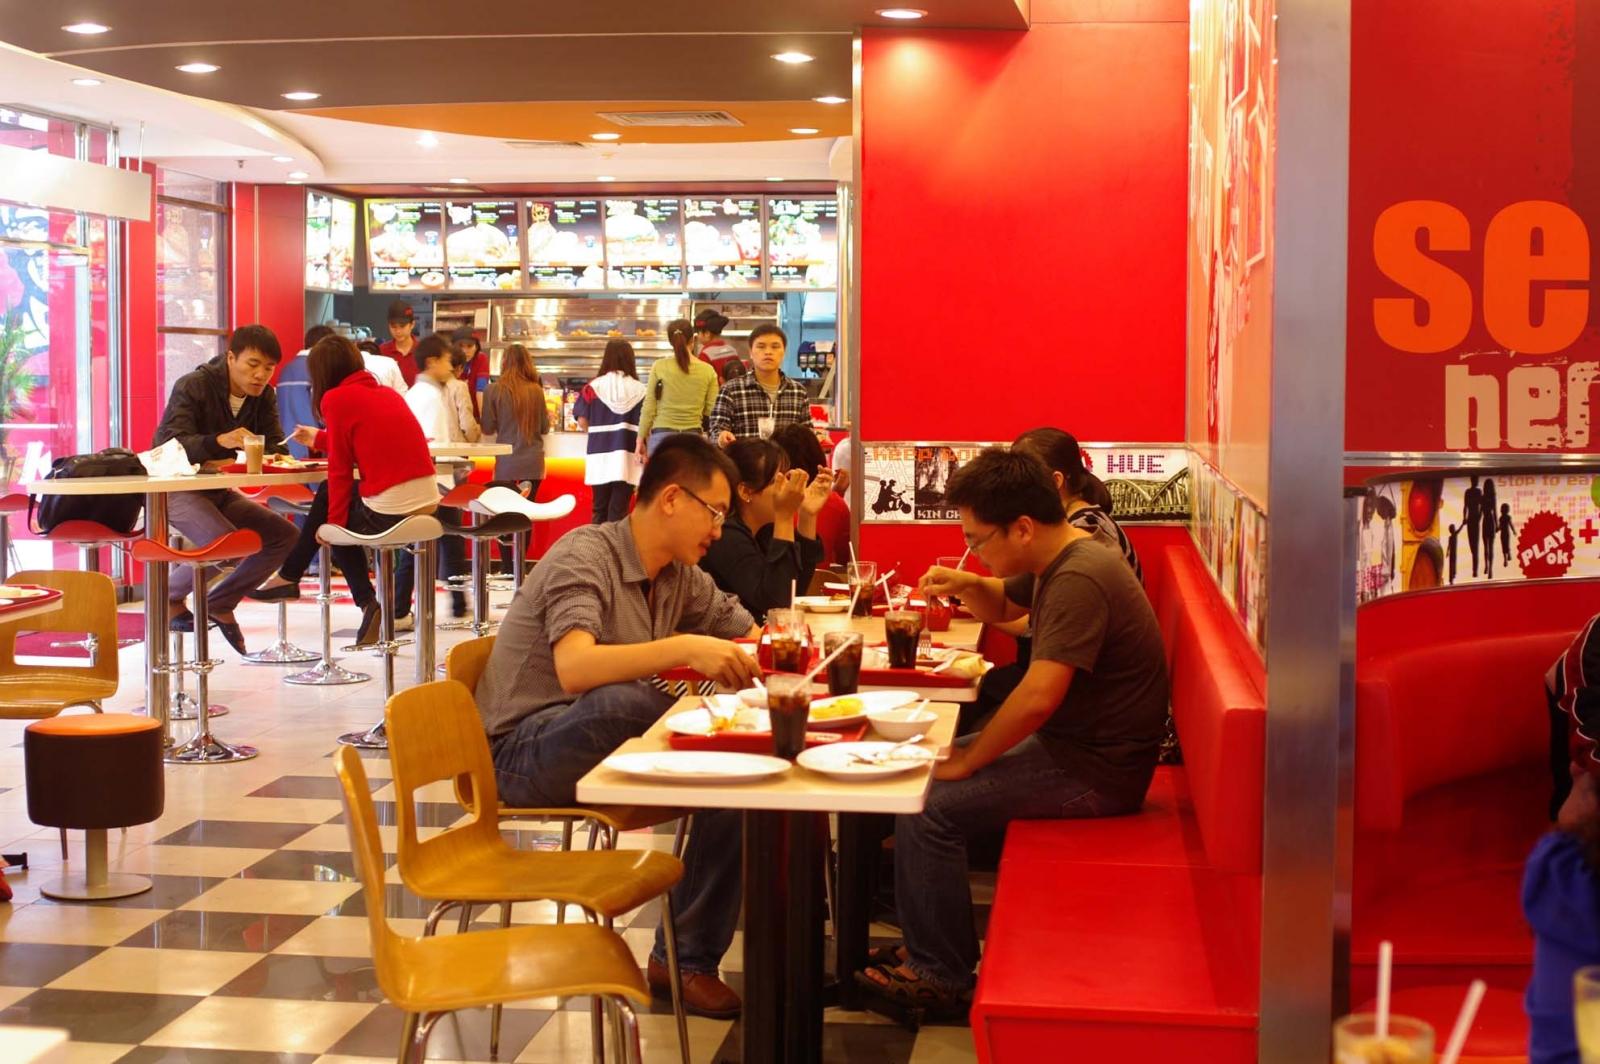 Gà rán KFC được nhiều người yêu thích nhưng cũng khiến người ta lo ngại